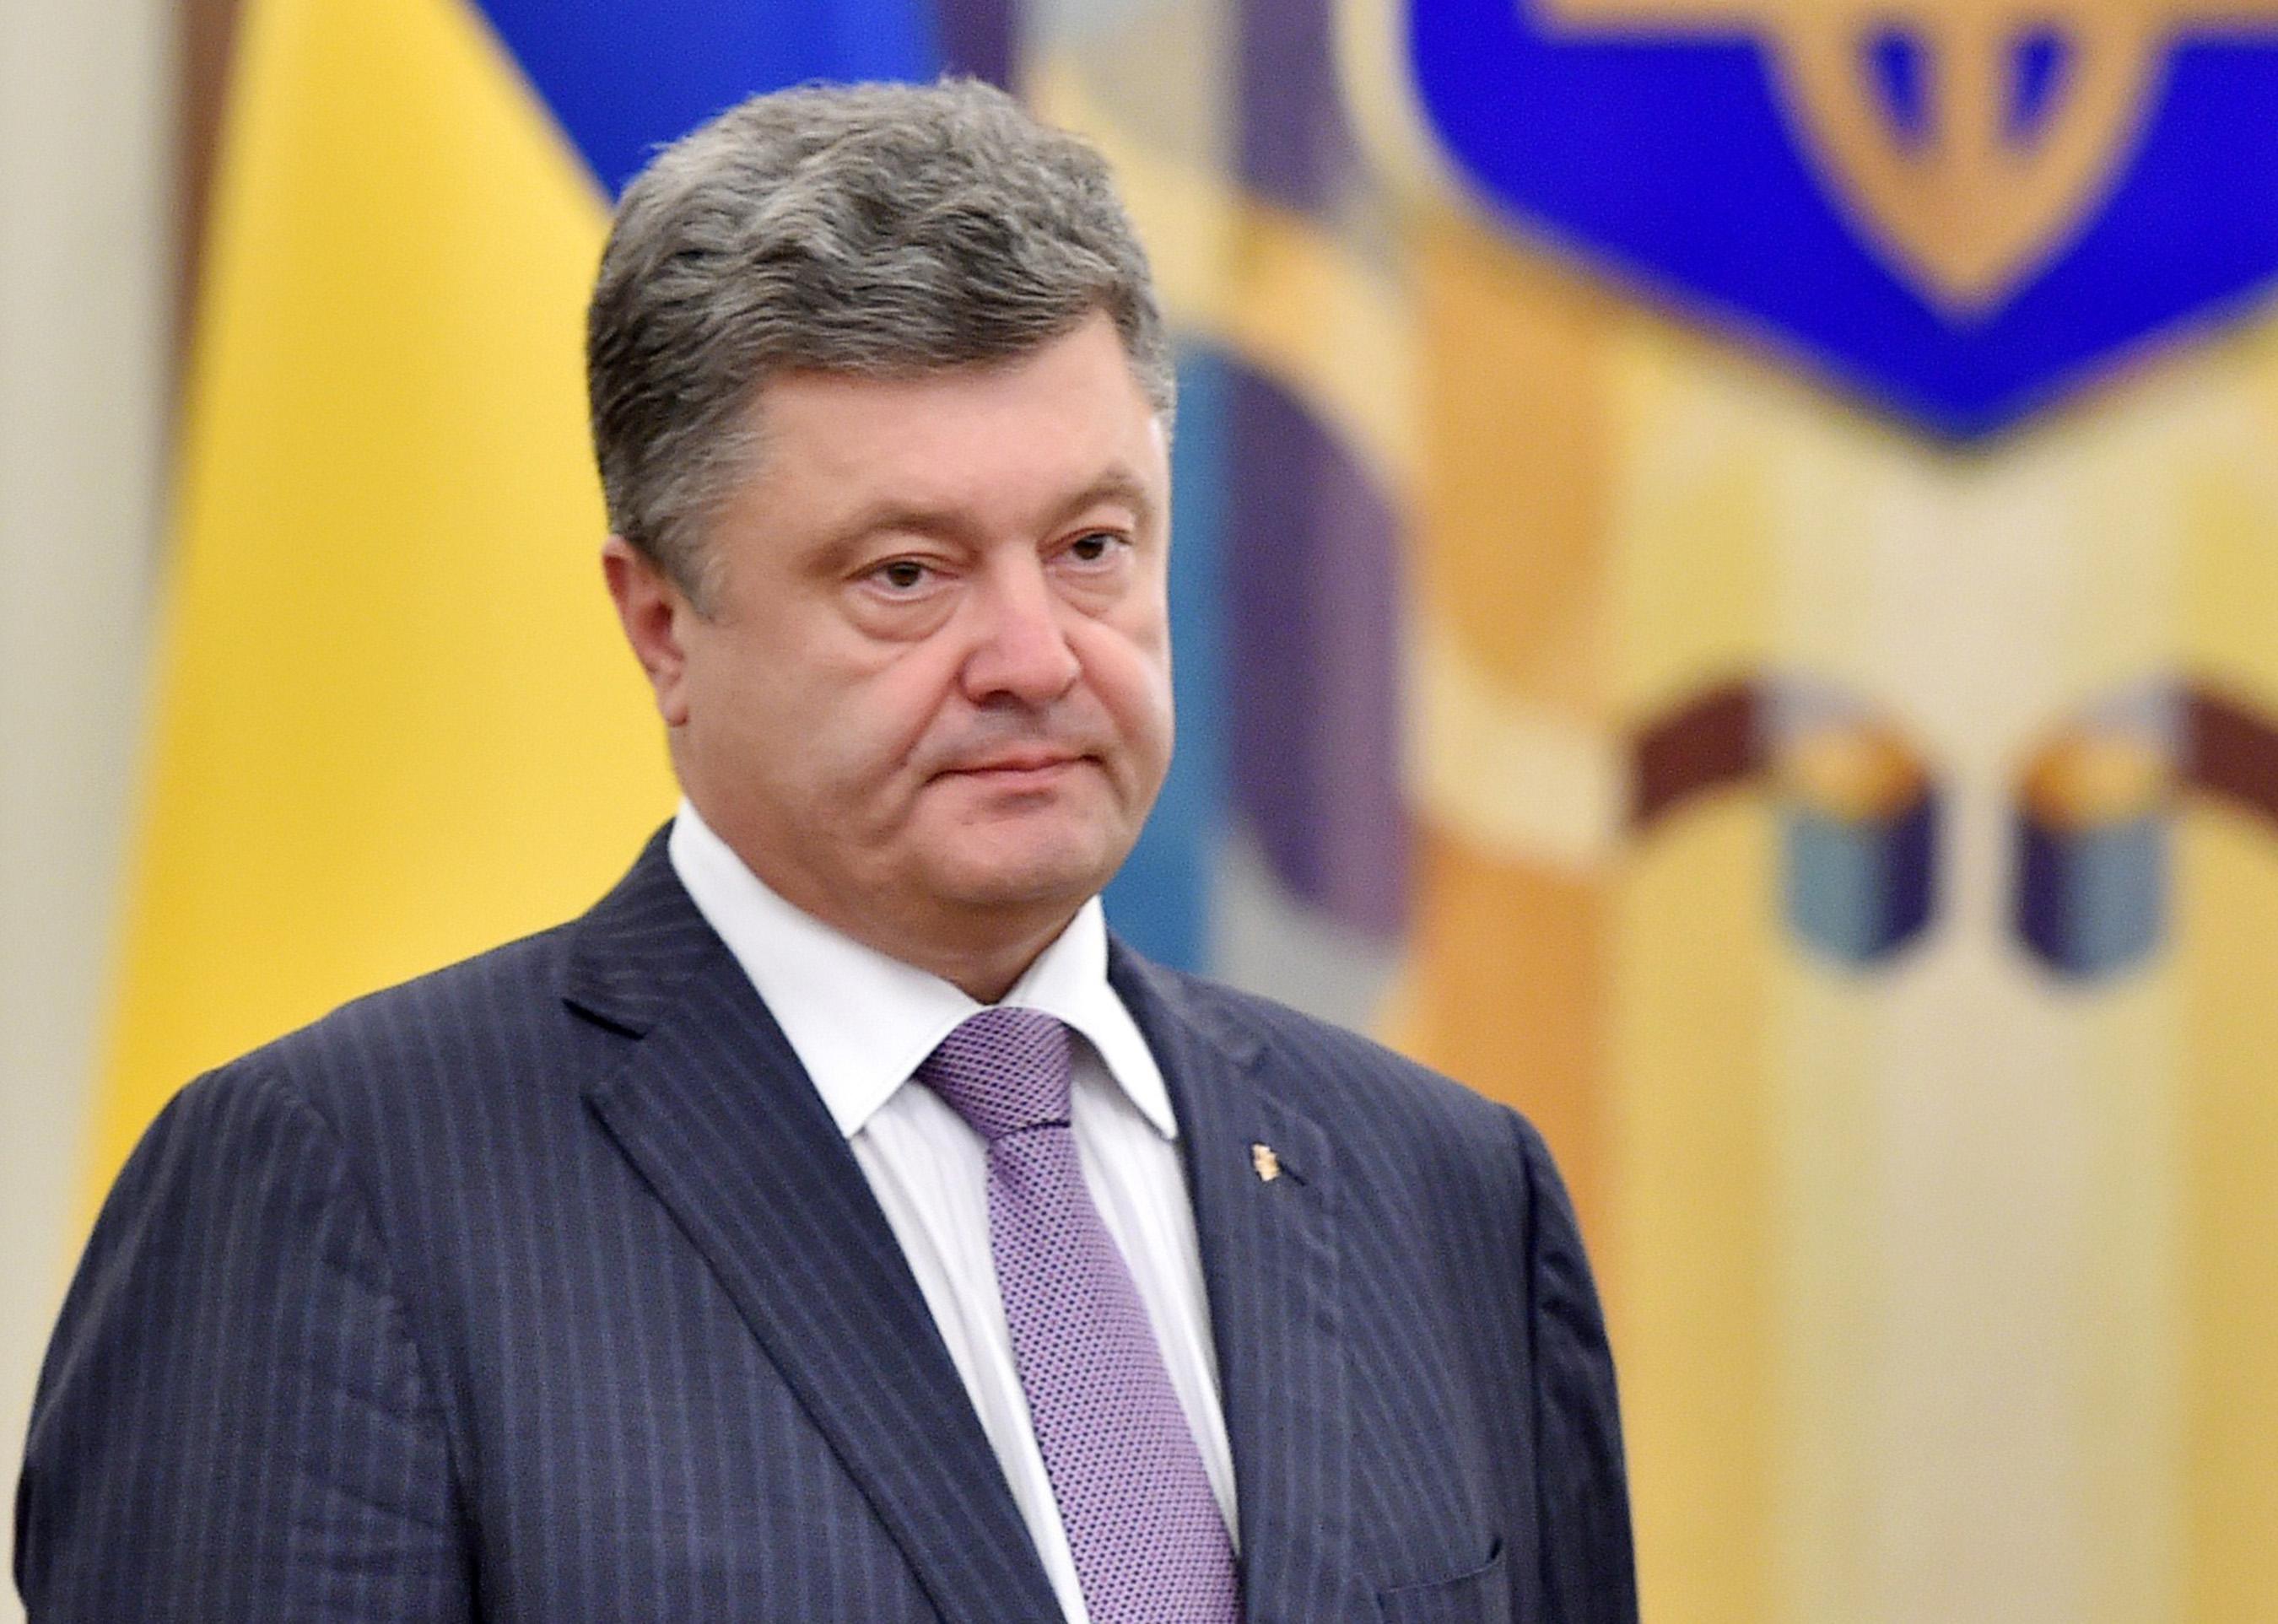 Досье Петра Порошенко и его путь из бизнеса в президенты